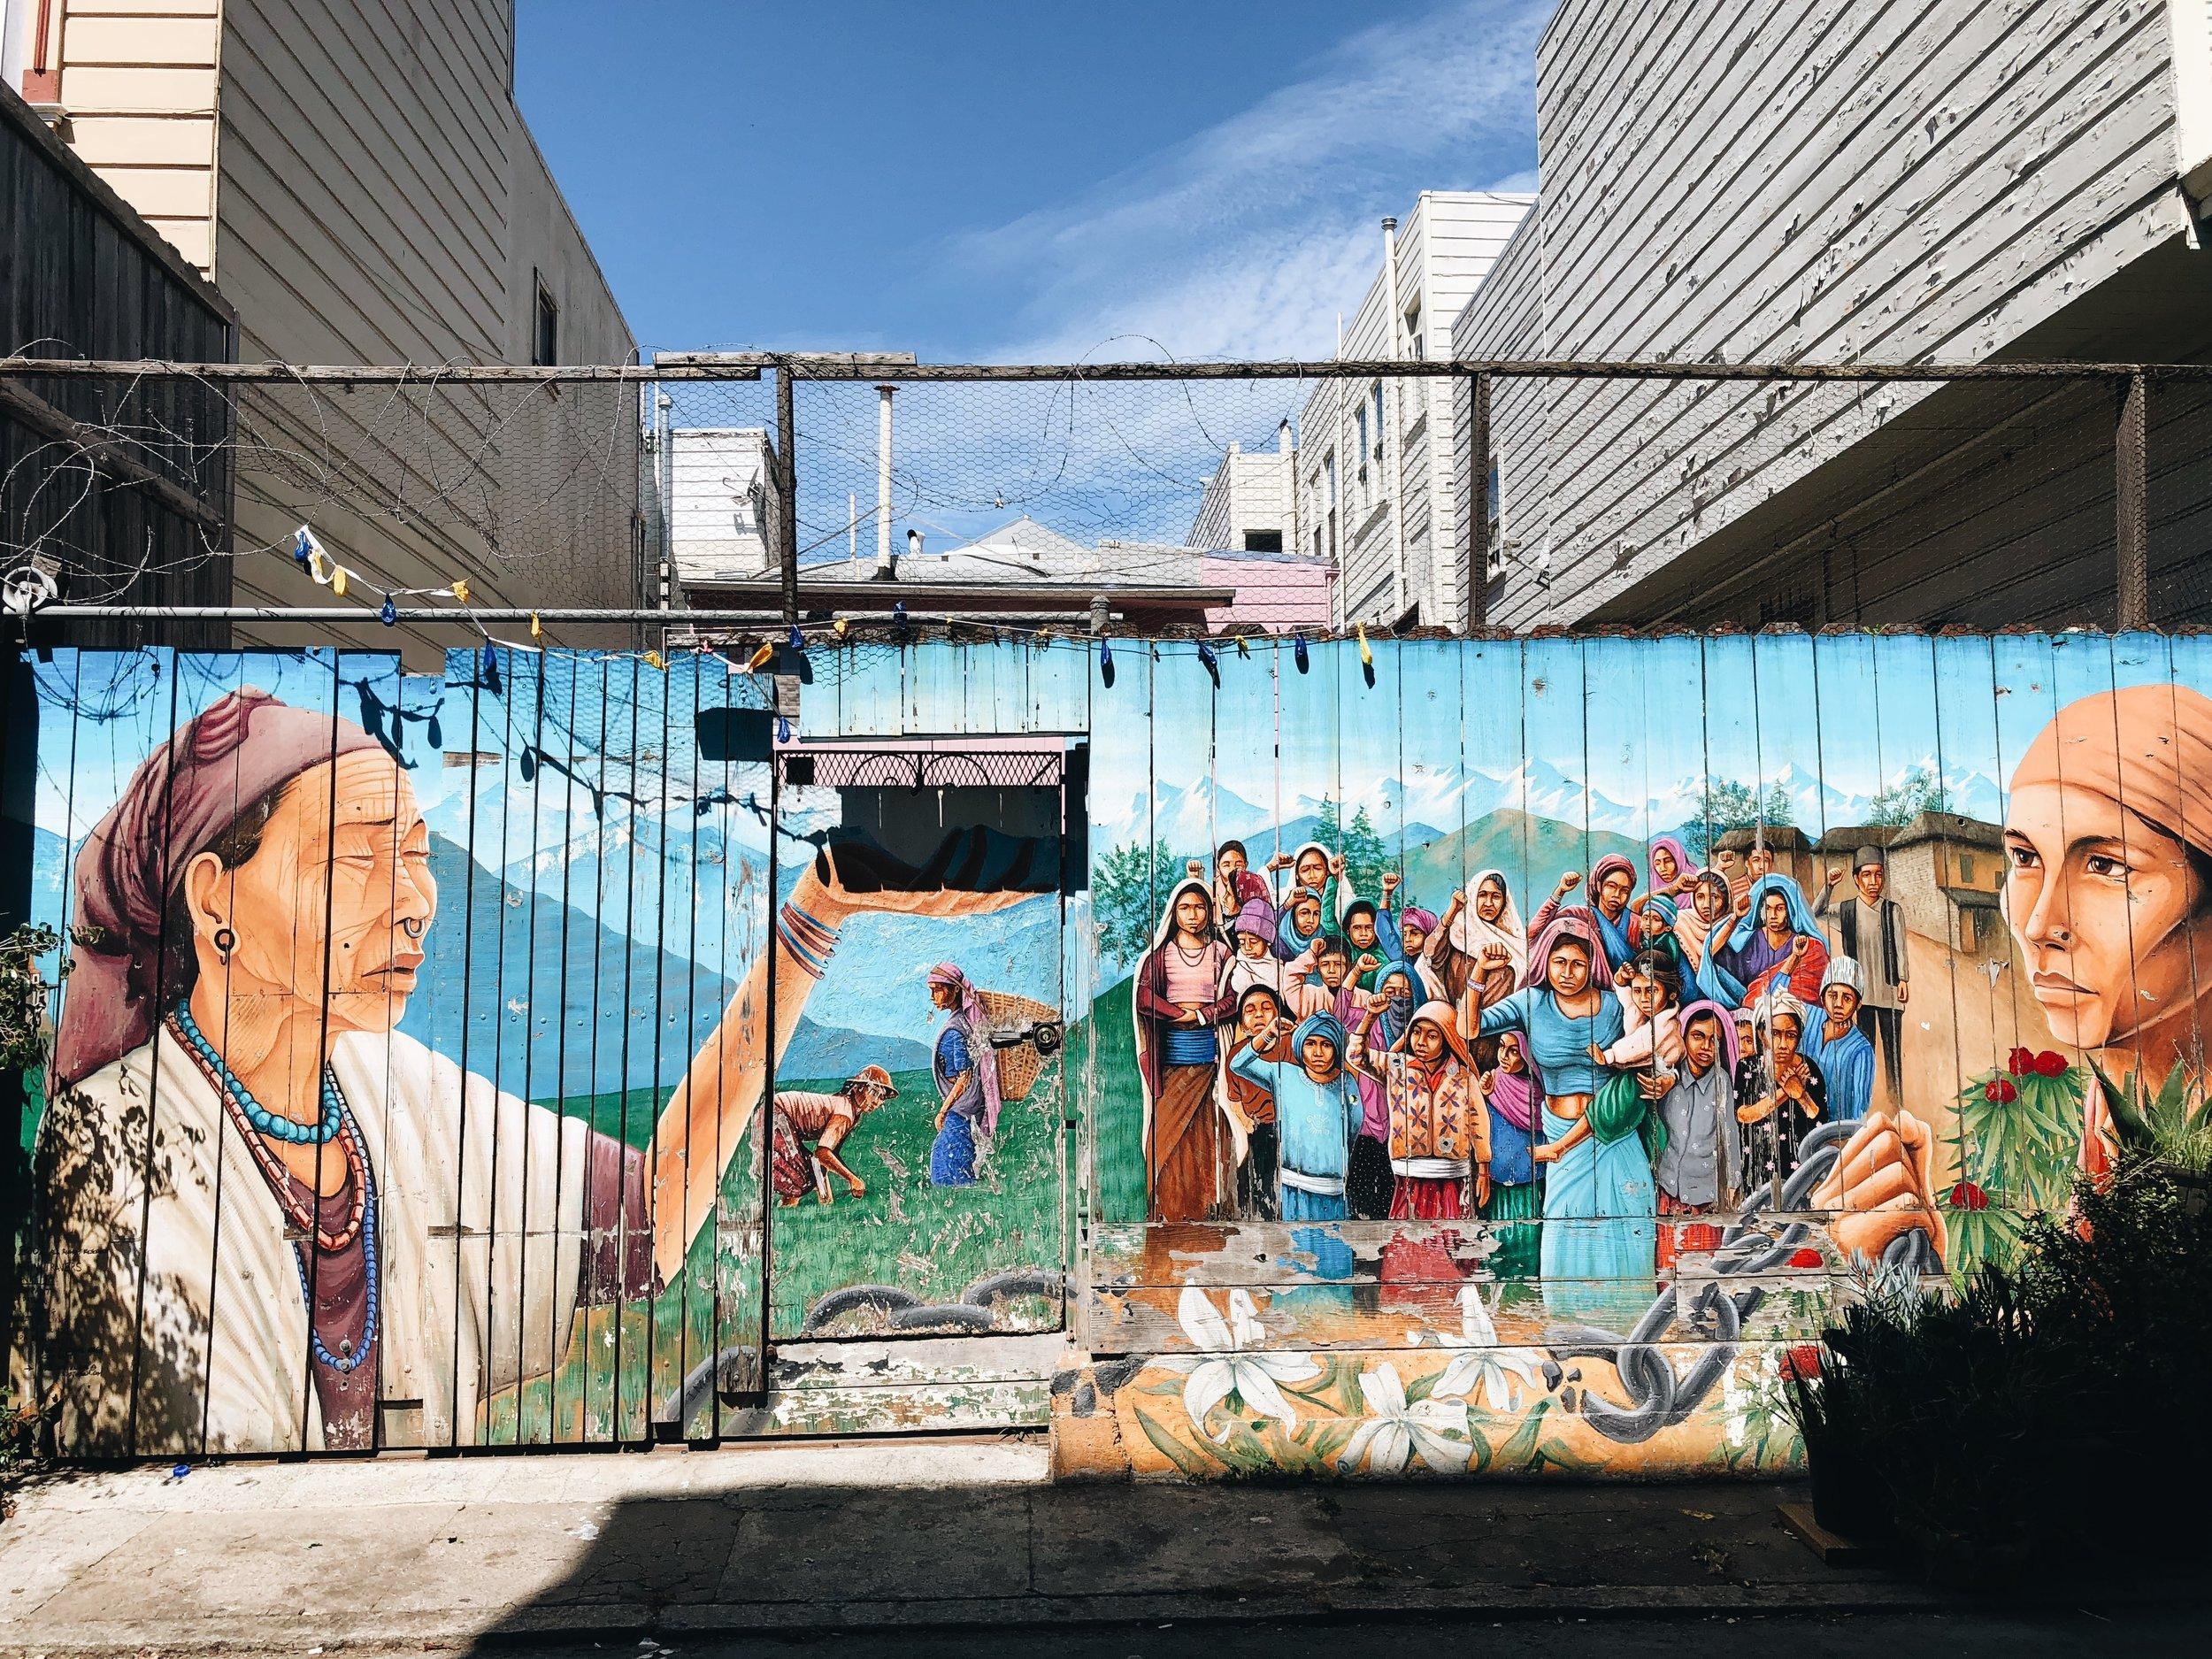 fresque-balmy-alley-san-francisco.JPG